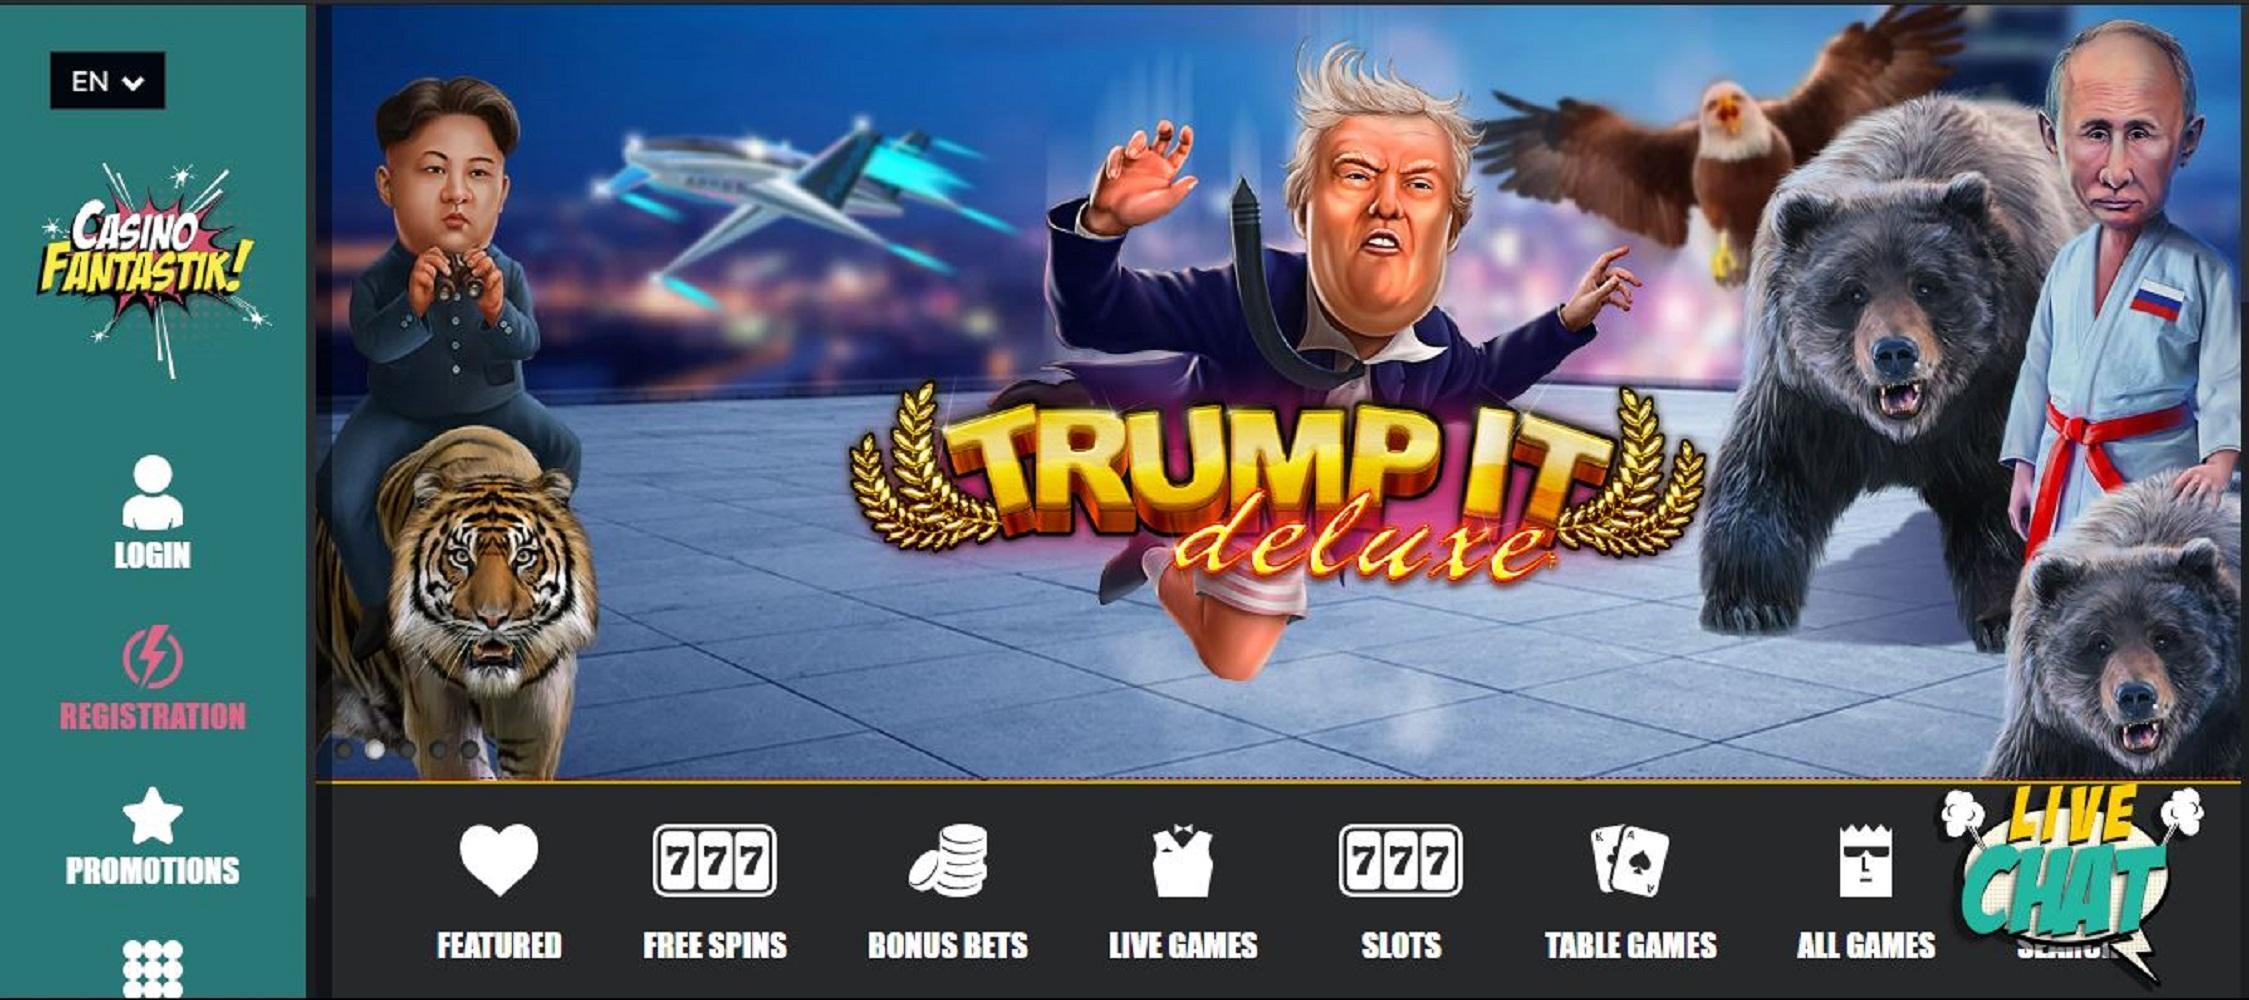 Fantastik casino avis : cette plateforme est-elle vraiment fantastique ?